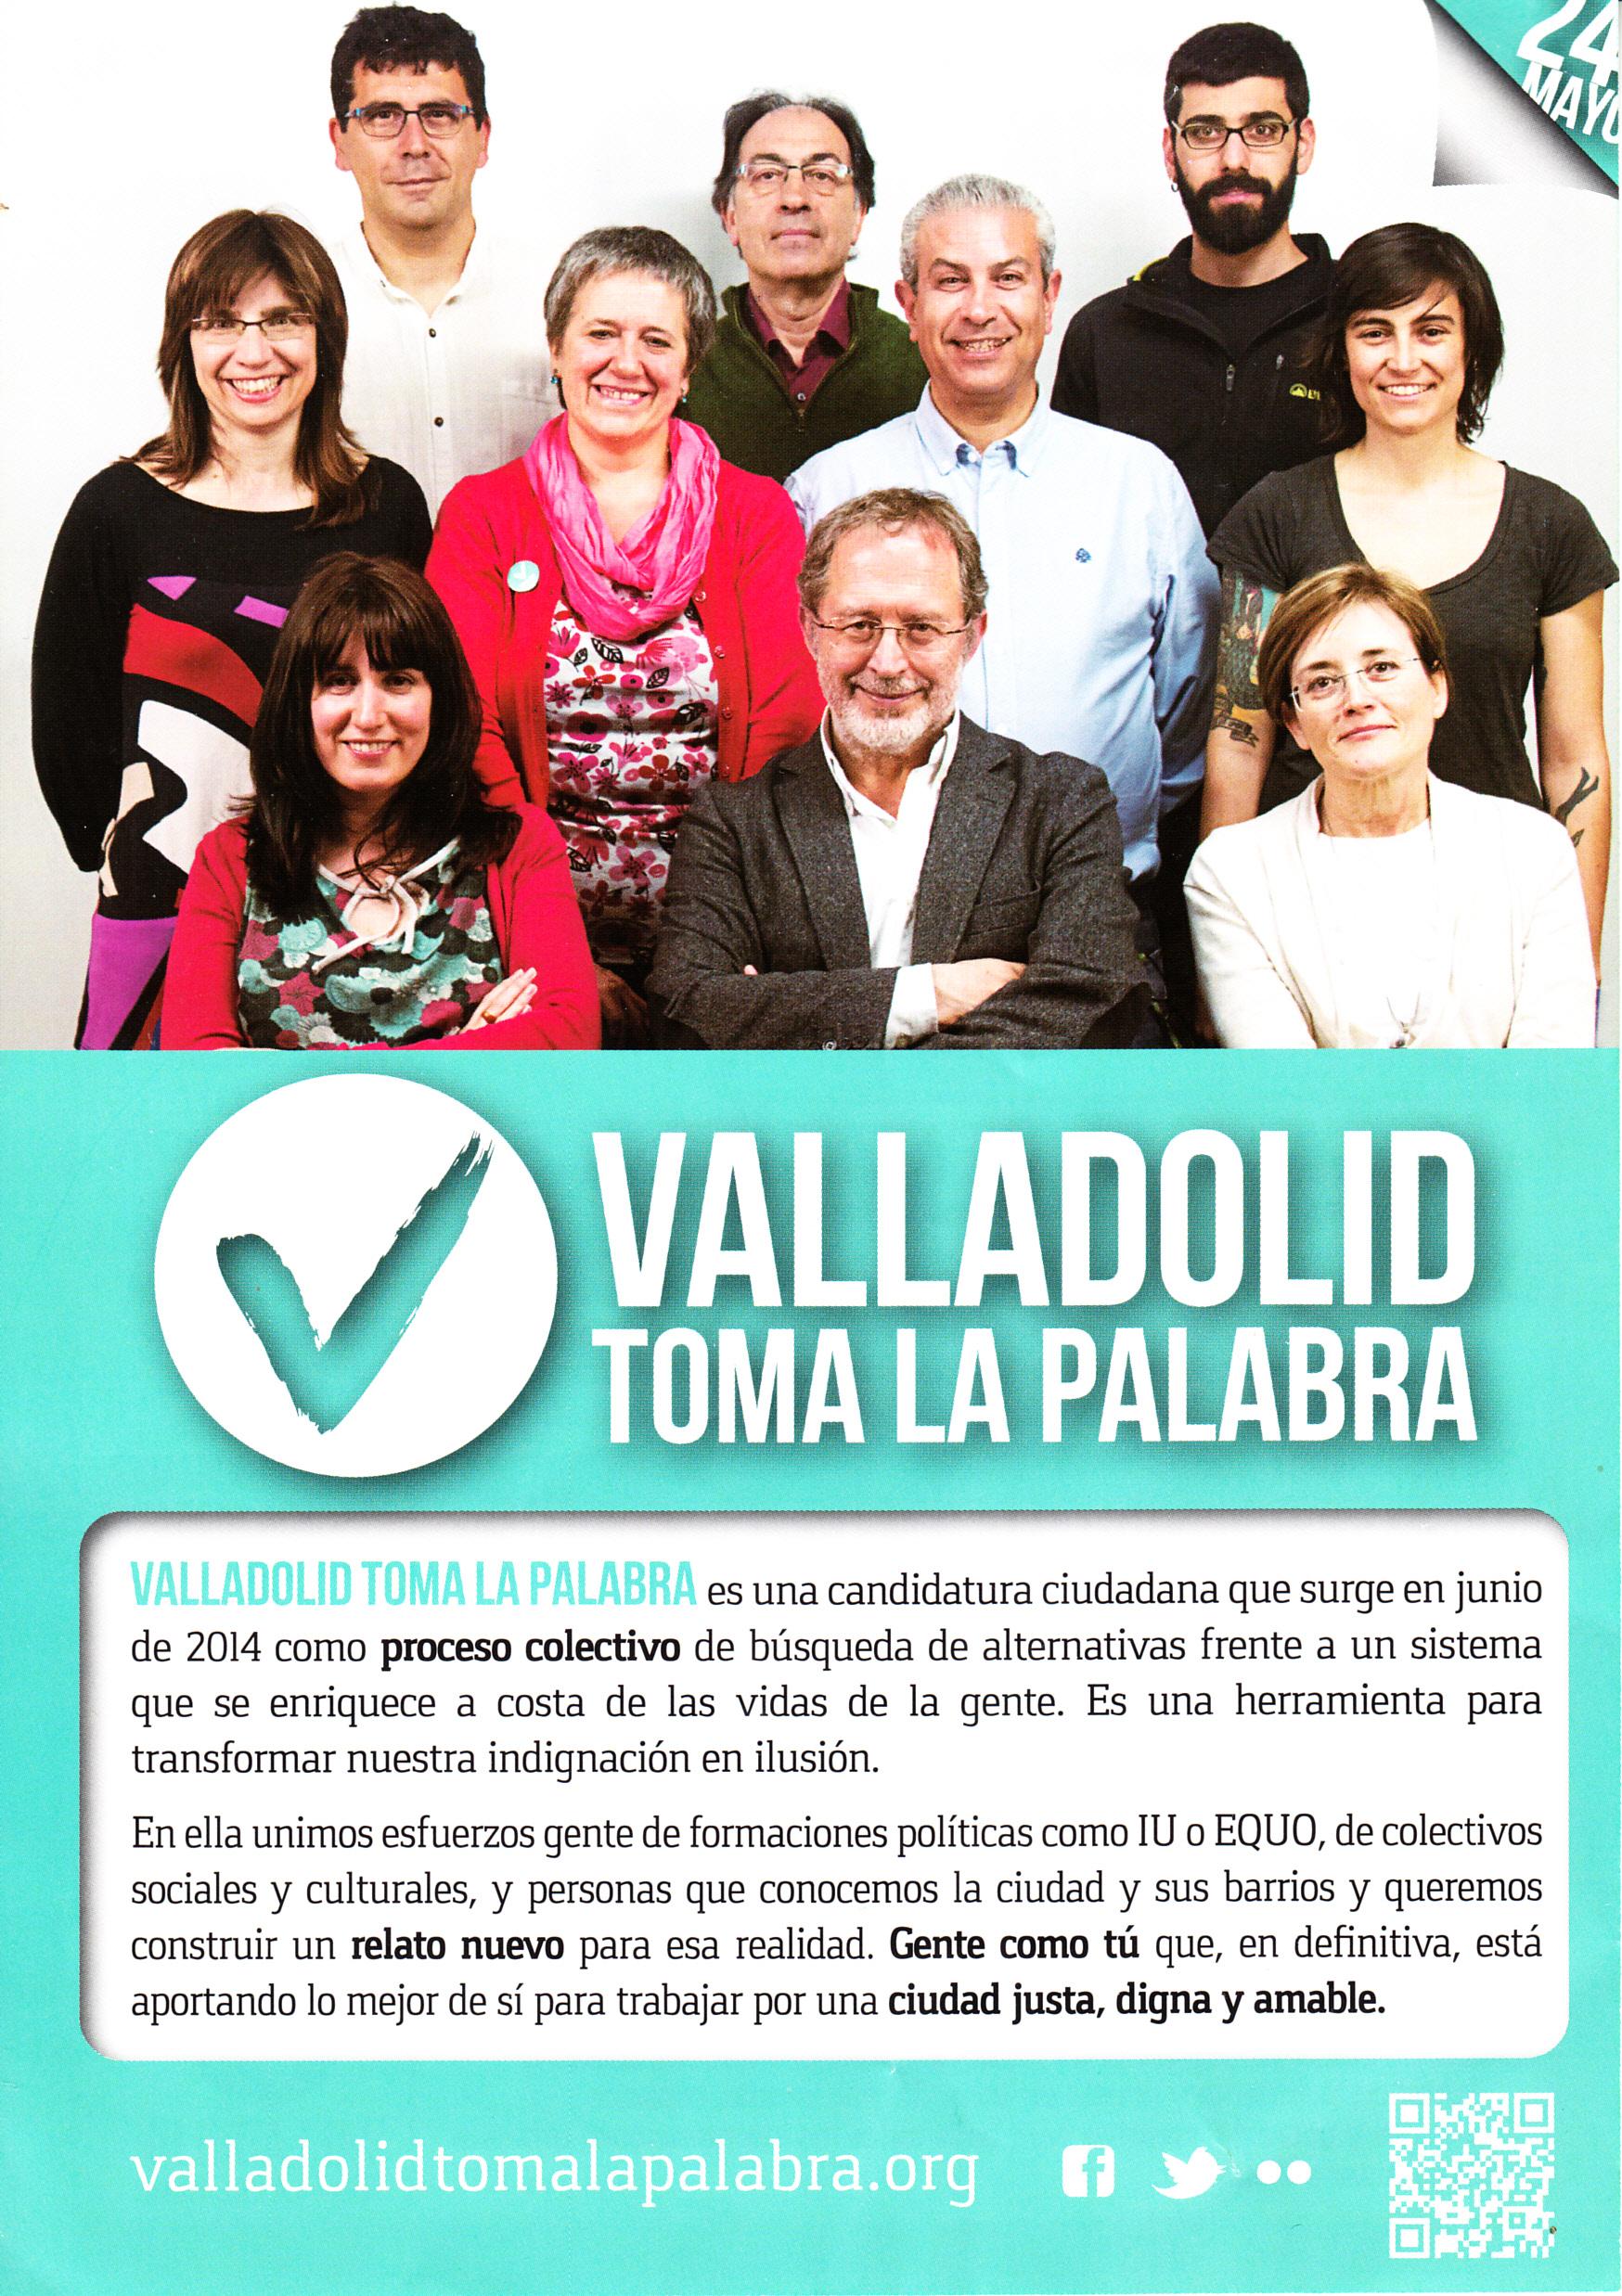 Valladolid toma la Palabra_2015_0001